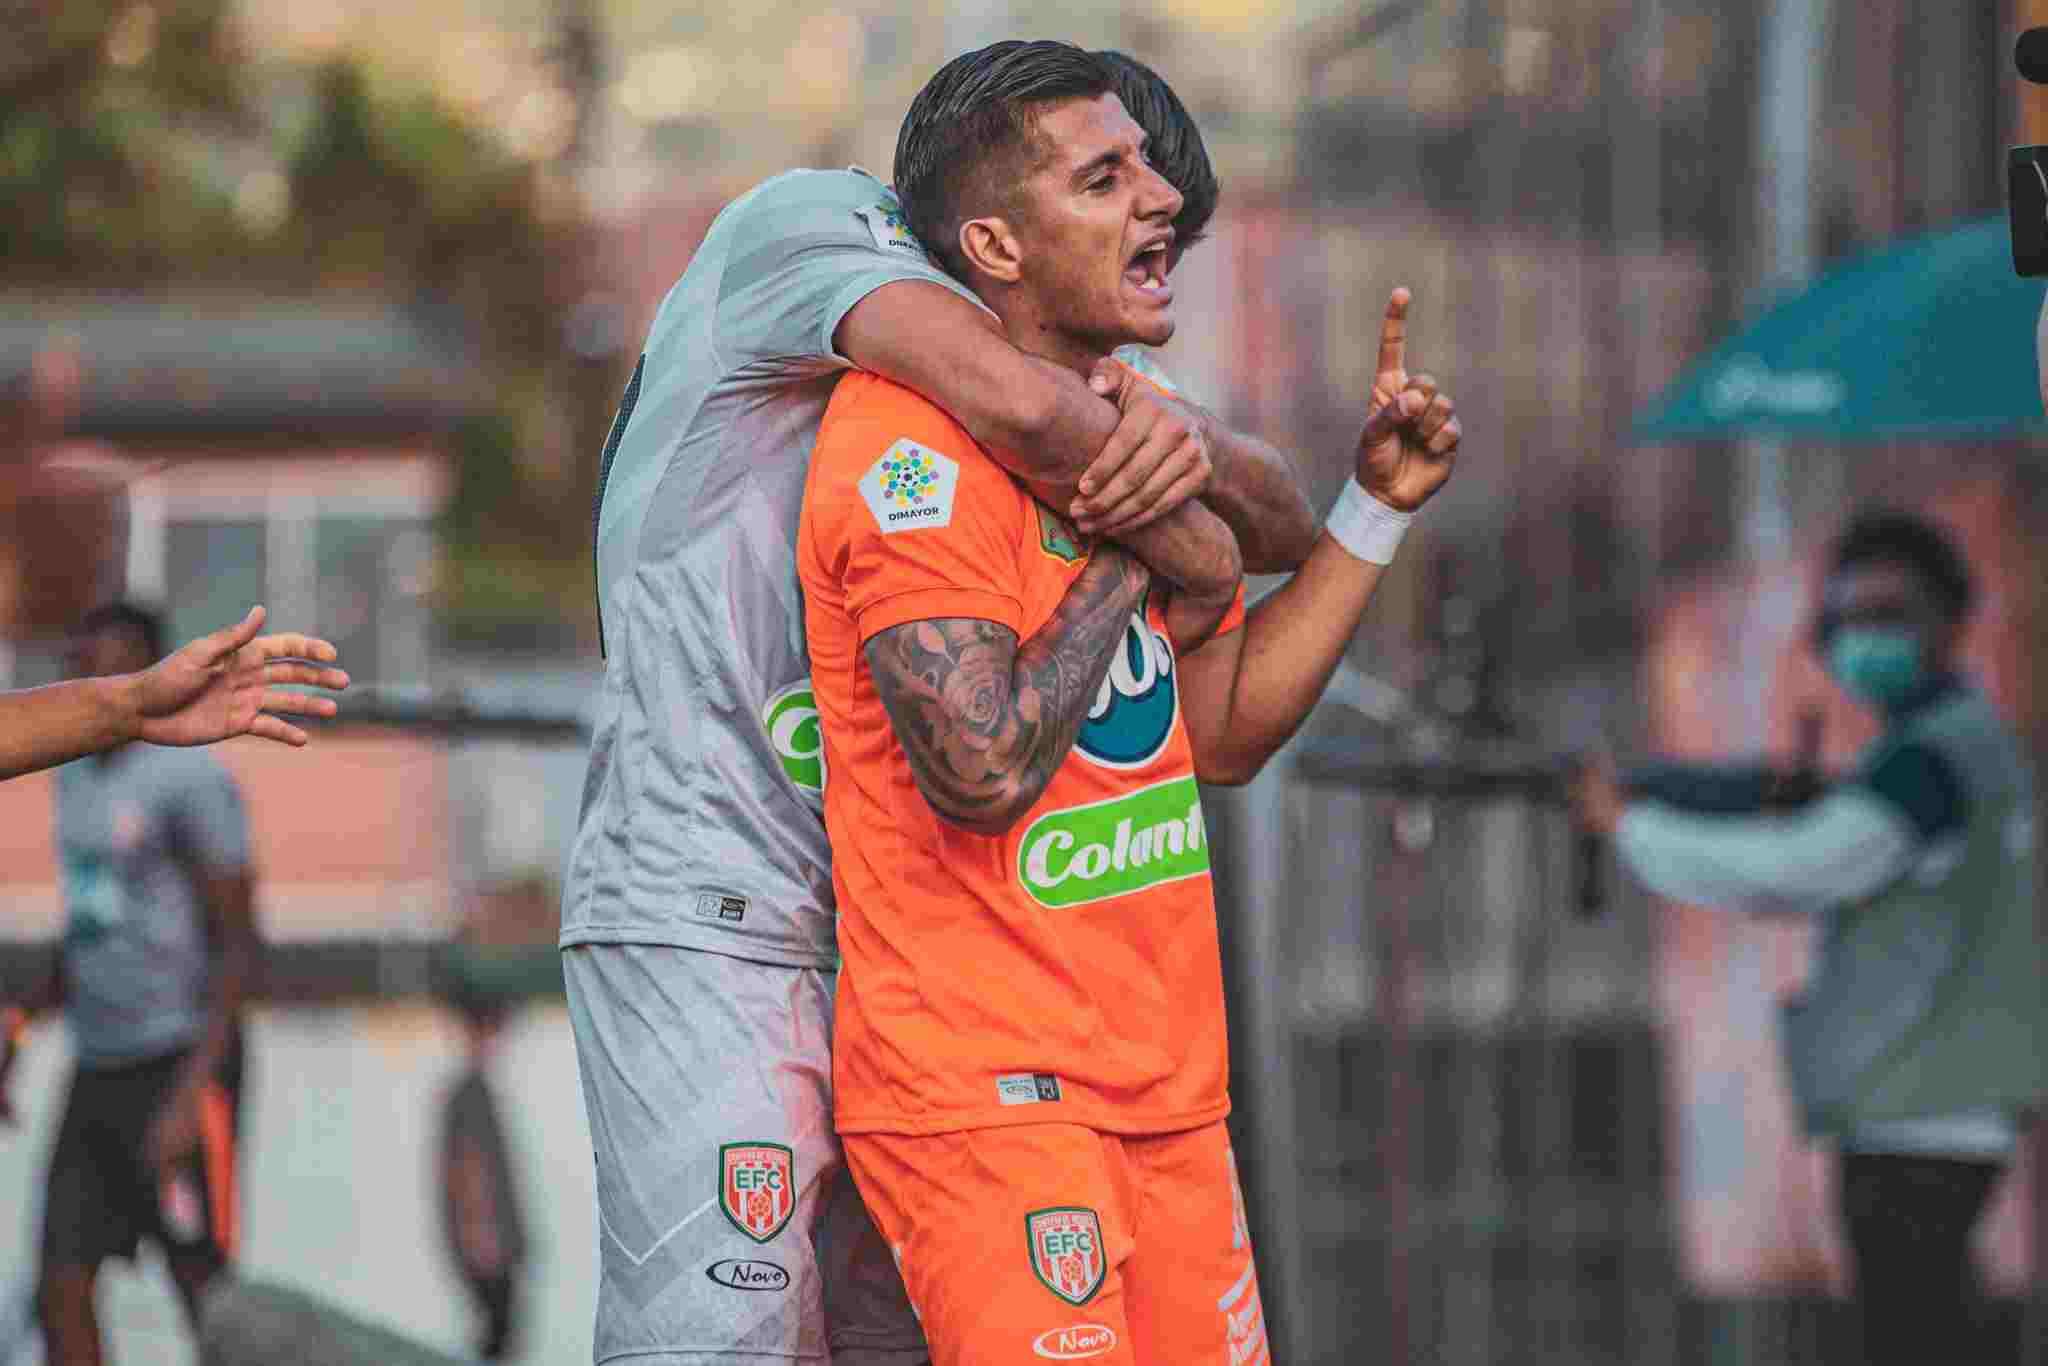 Se definió el futuro deportivo de Yeison Guzmán en el fútbol colombiano